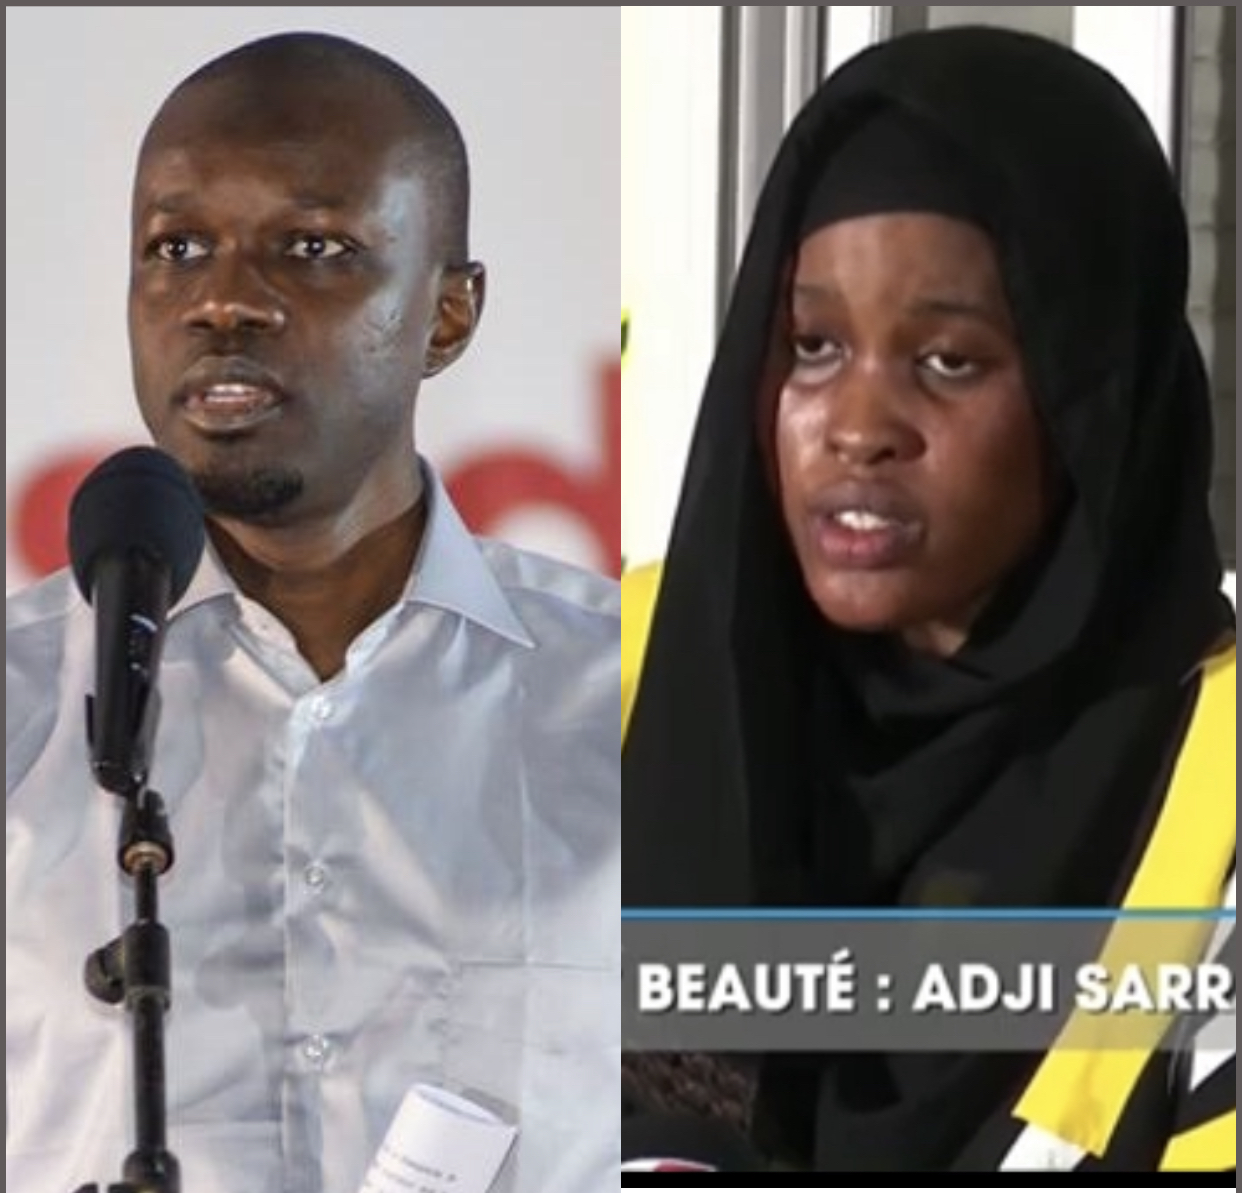 Affaire Sonko-Adji Sarr : La défense du leader de Pastef a saisi le juge intérimaire de deux requêtes.